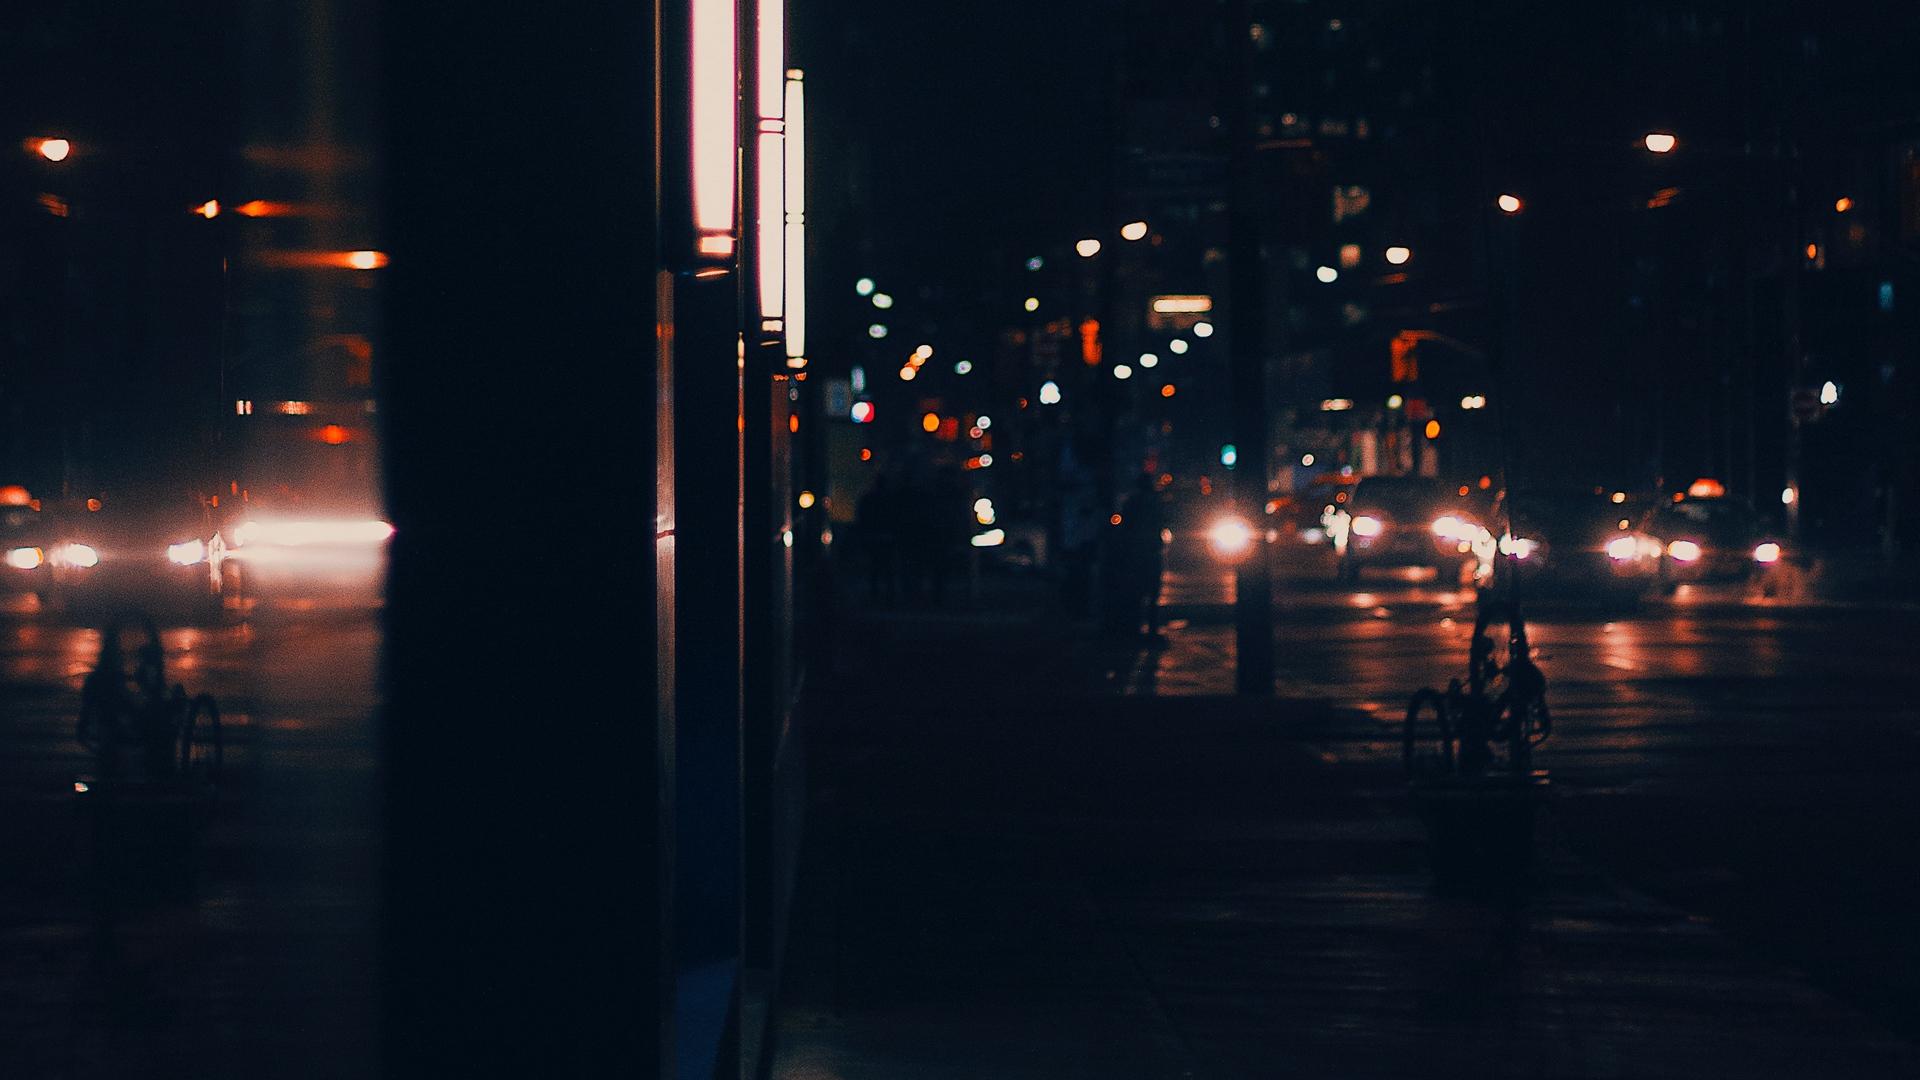 Wallpaper Night City, Street, Dark, Lights, Buildings, - Dark City Street Background - HD Wallpaper